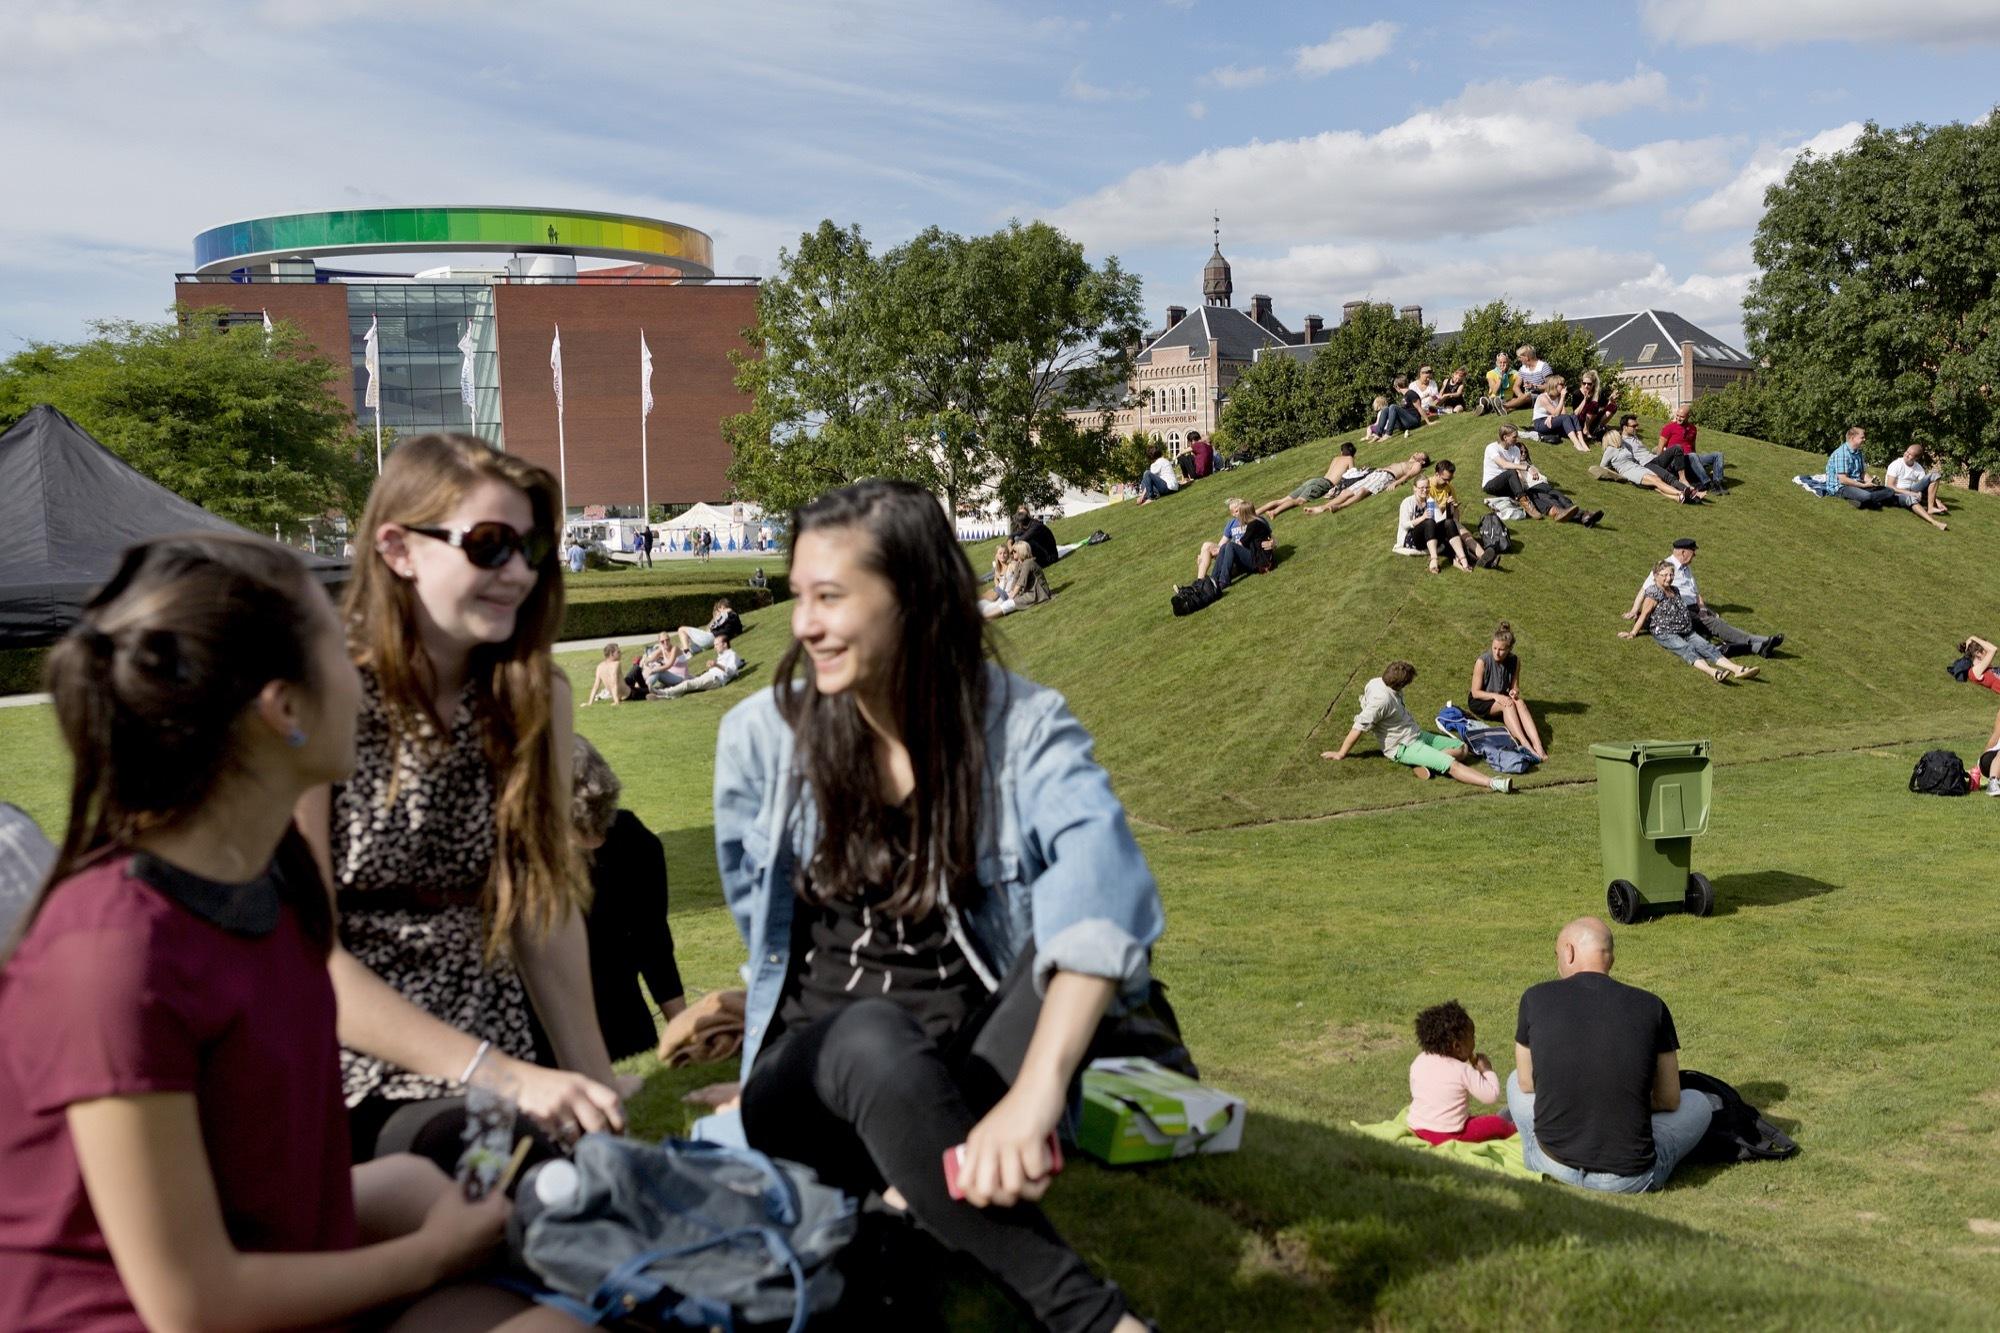 Modificando temporariamente a cidade: espaços urbanos experimentais em Aarhus, Dinamarca